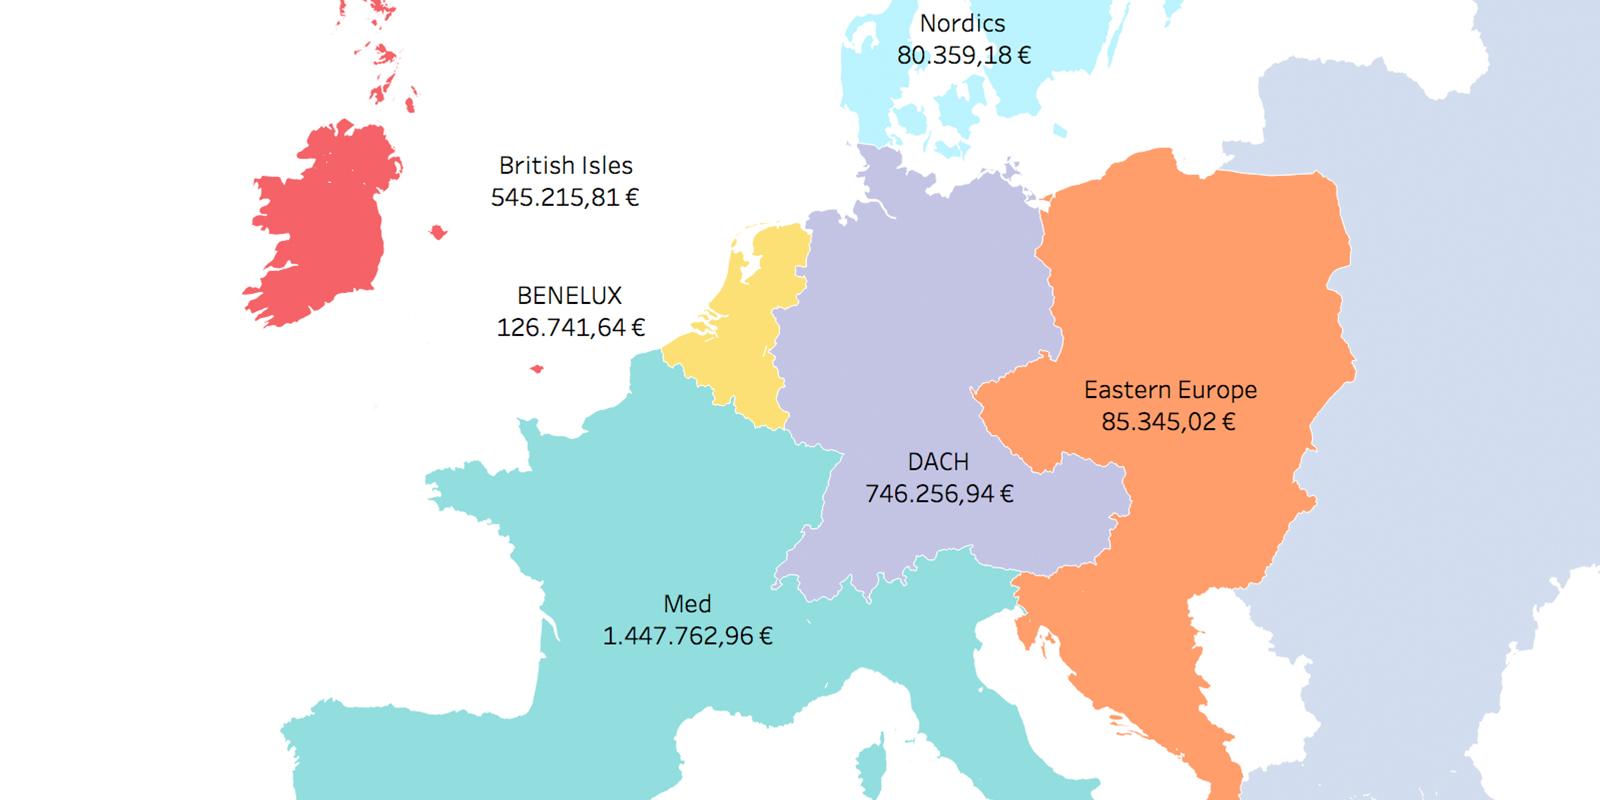 Данные можно группировать и отбражать по географическим зонам